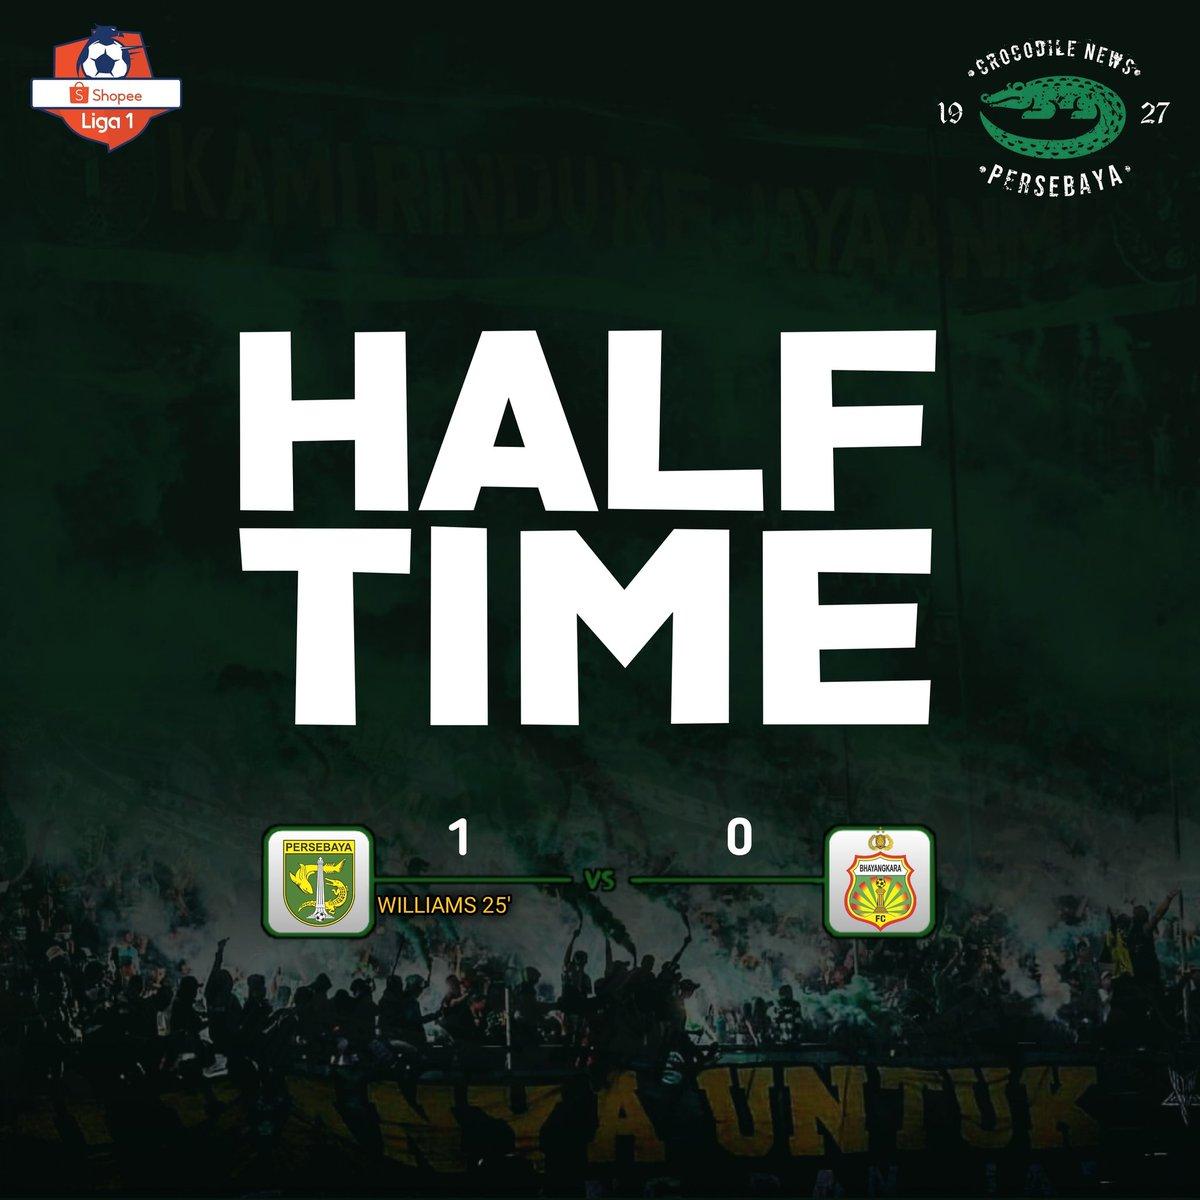 Half Time: Persebaya 1-0 Bhayangkara Fc _ ⚽️ Aryn Williams 25'  Jangan dikasih kendor! Babak kedua Ngeyel maneh!🔥 #Persebaya #bajolijo #greenforce #CrocodileNews #bonek #bonita #PersebayaDay